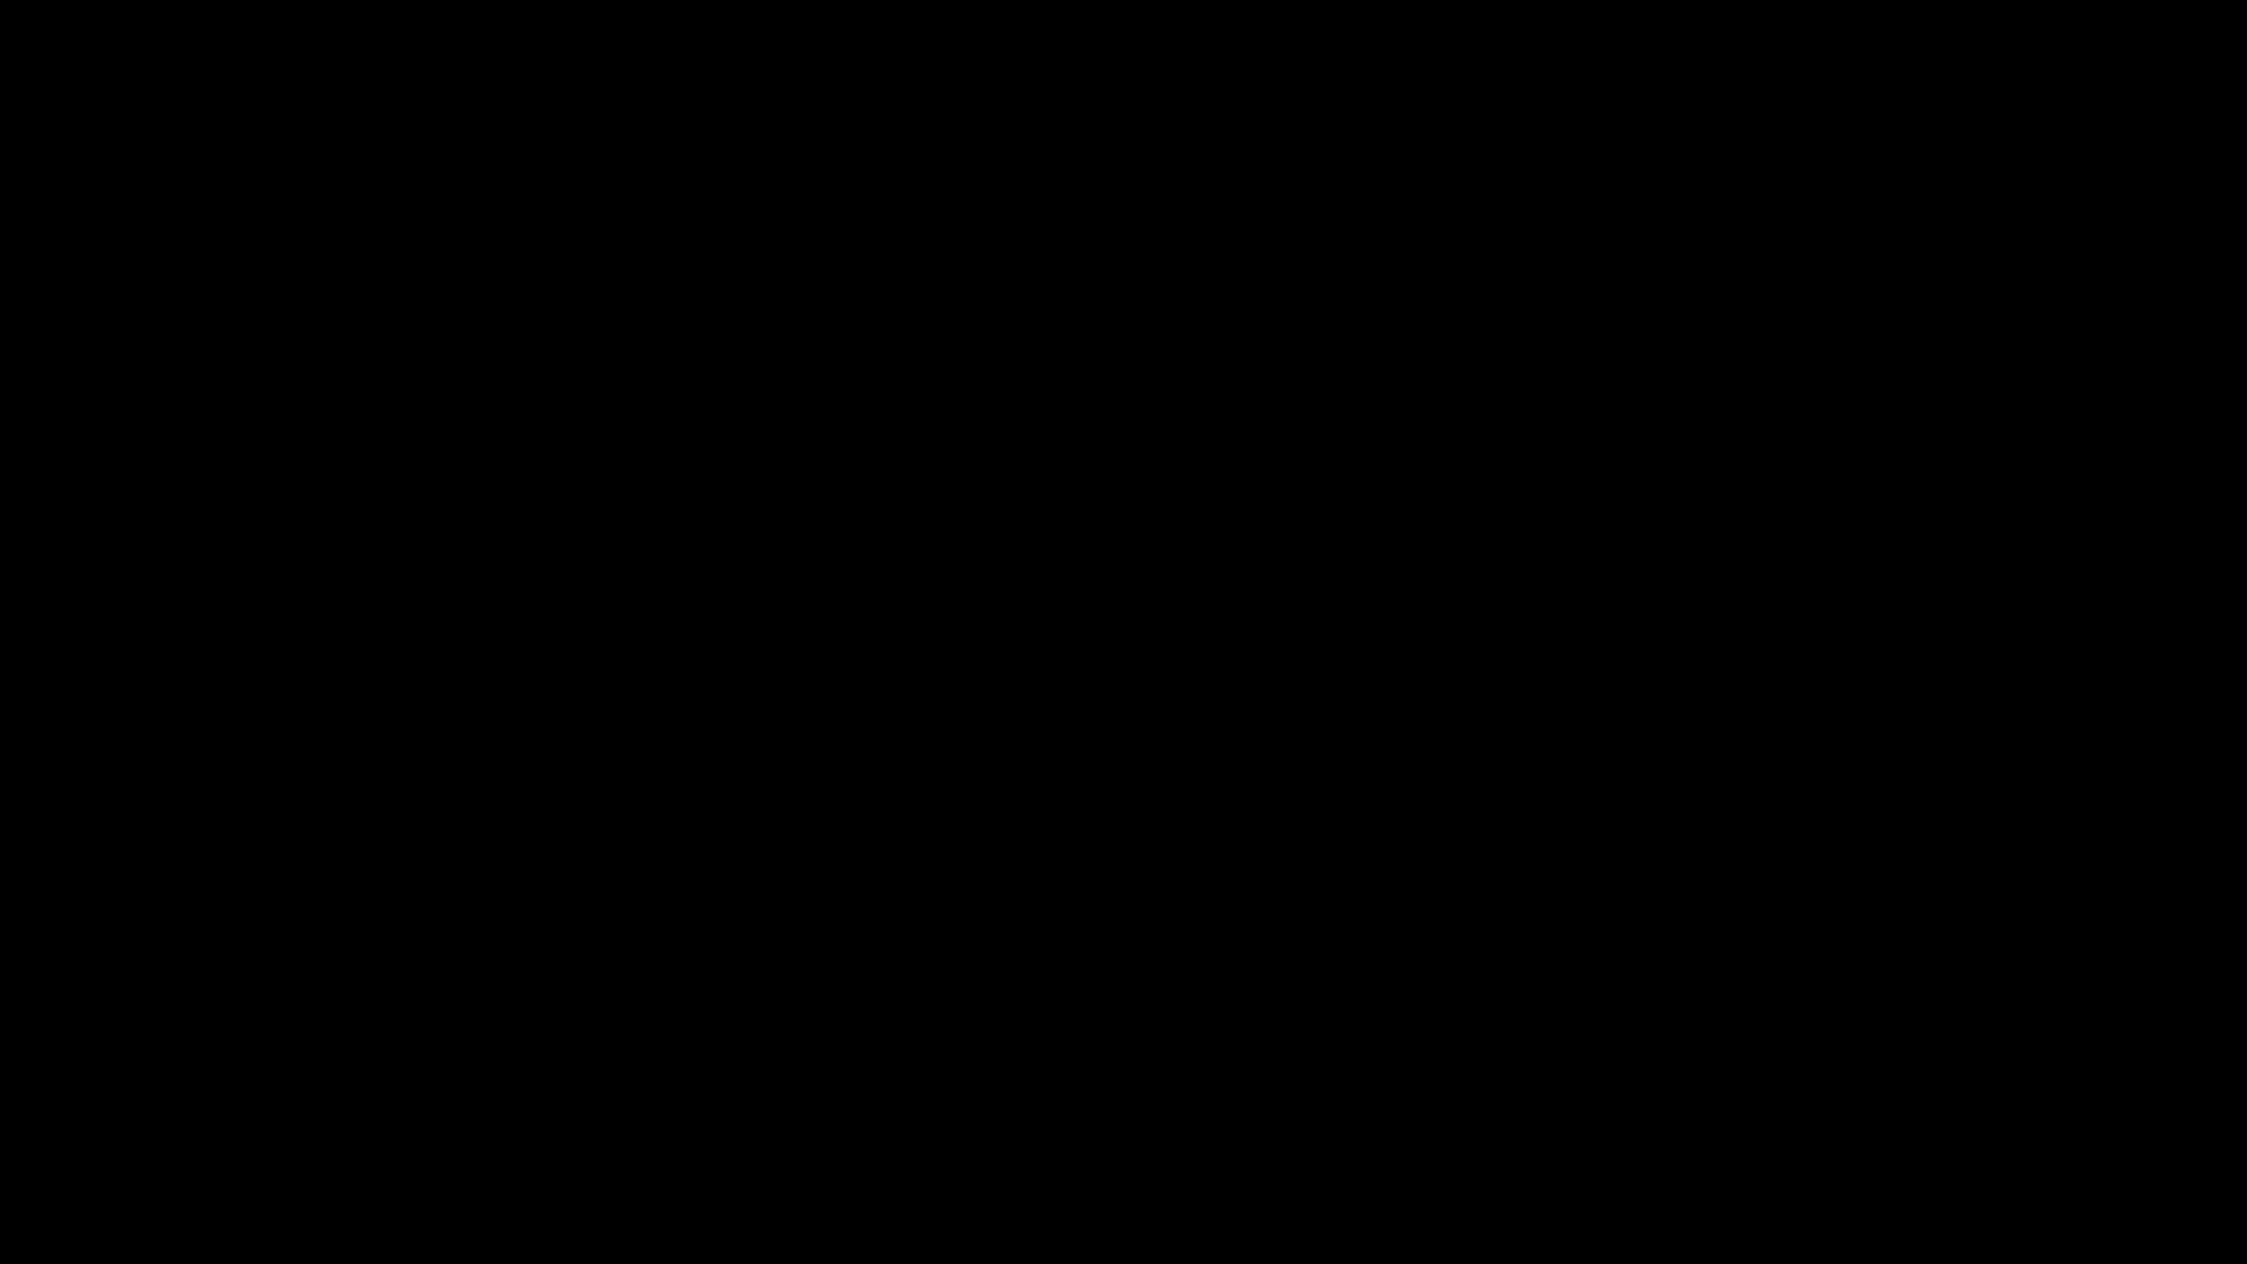 UchinokoMoratte